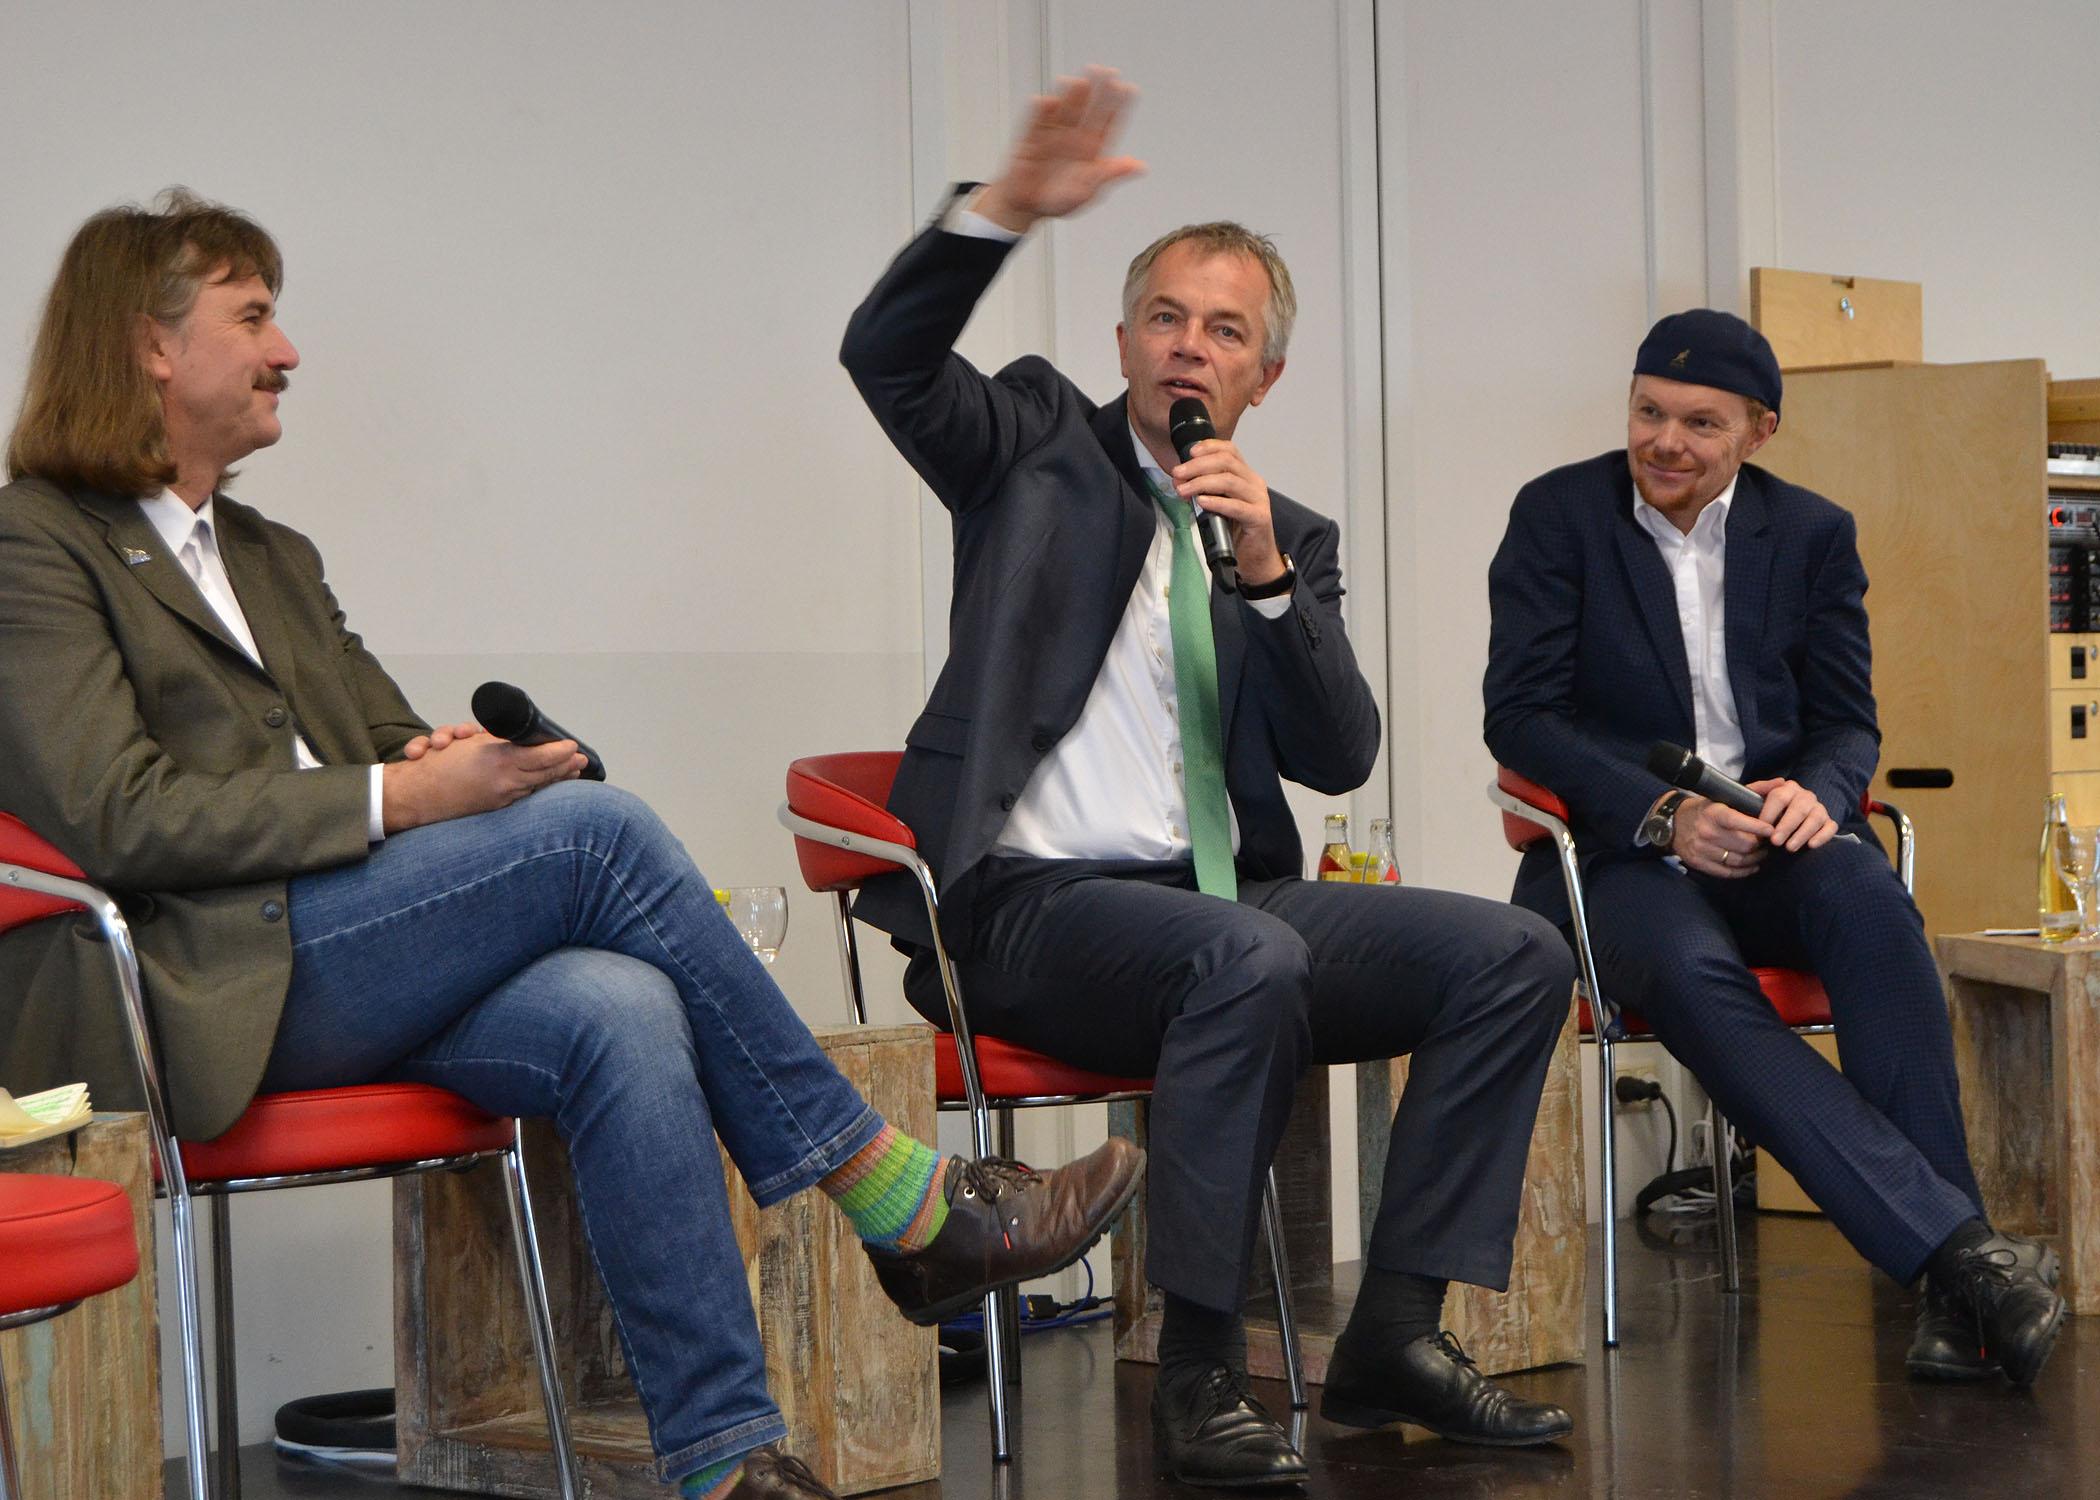 Johannes Remmel ist Mitglied von Bündnis 90/ Die Grünen und Umweltminister von NRW.